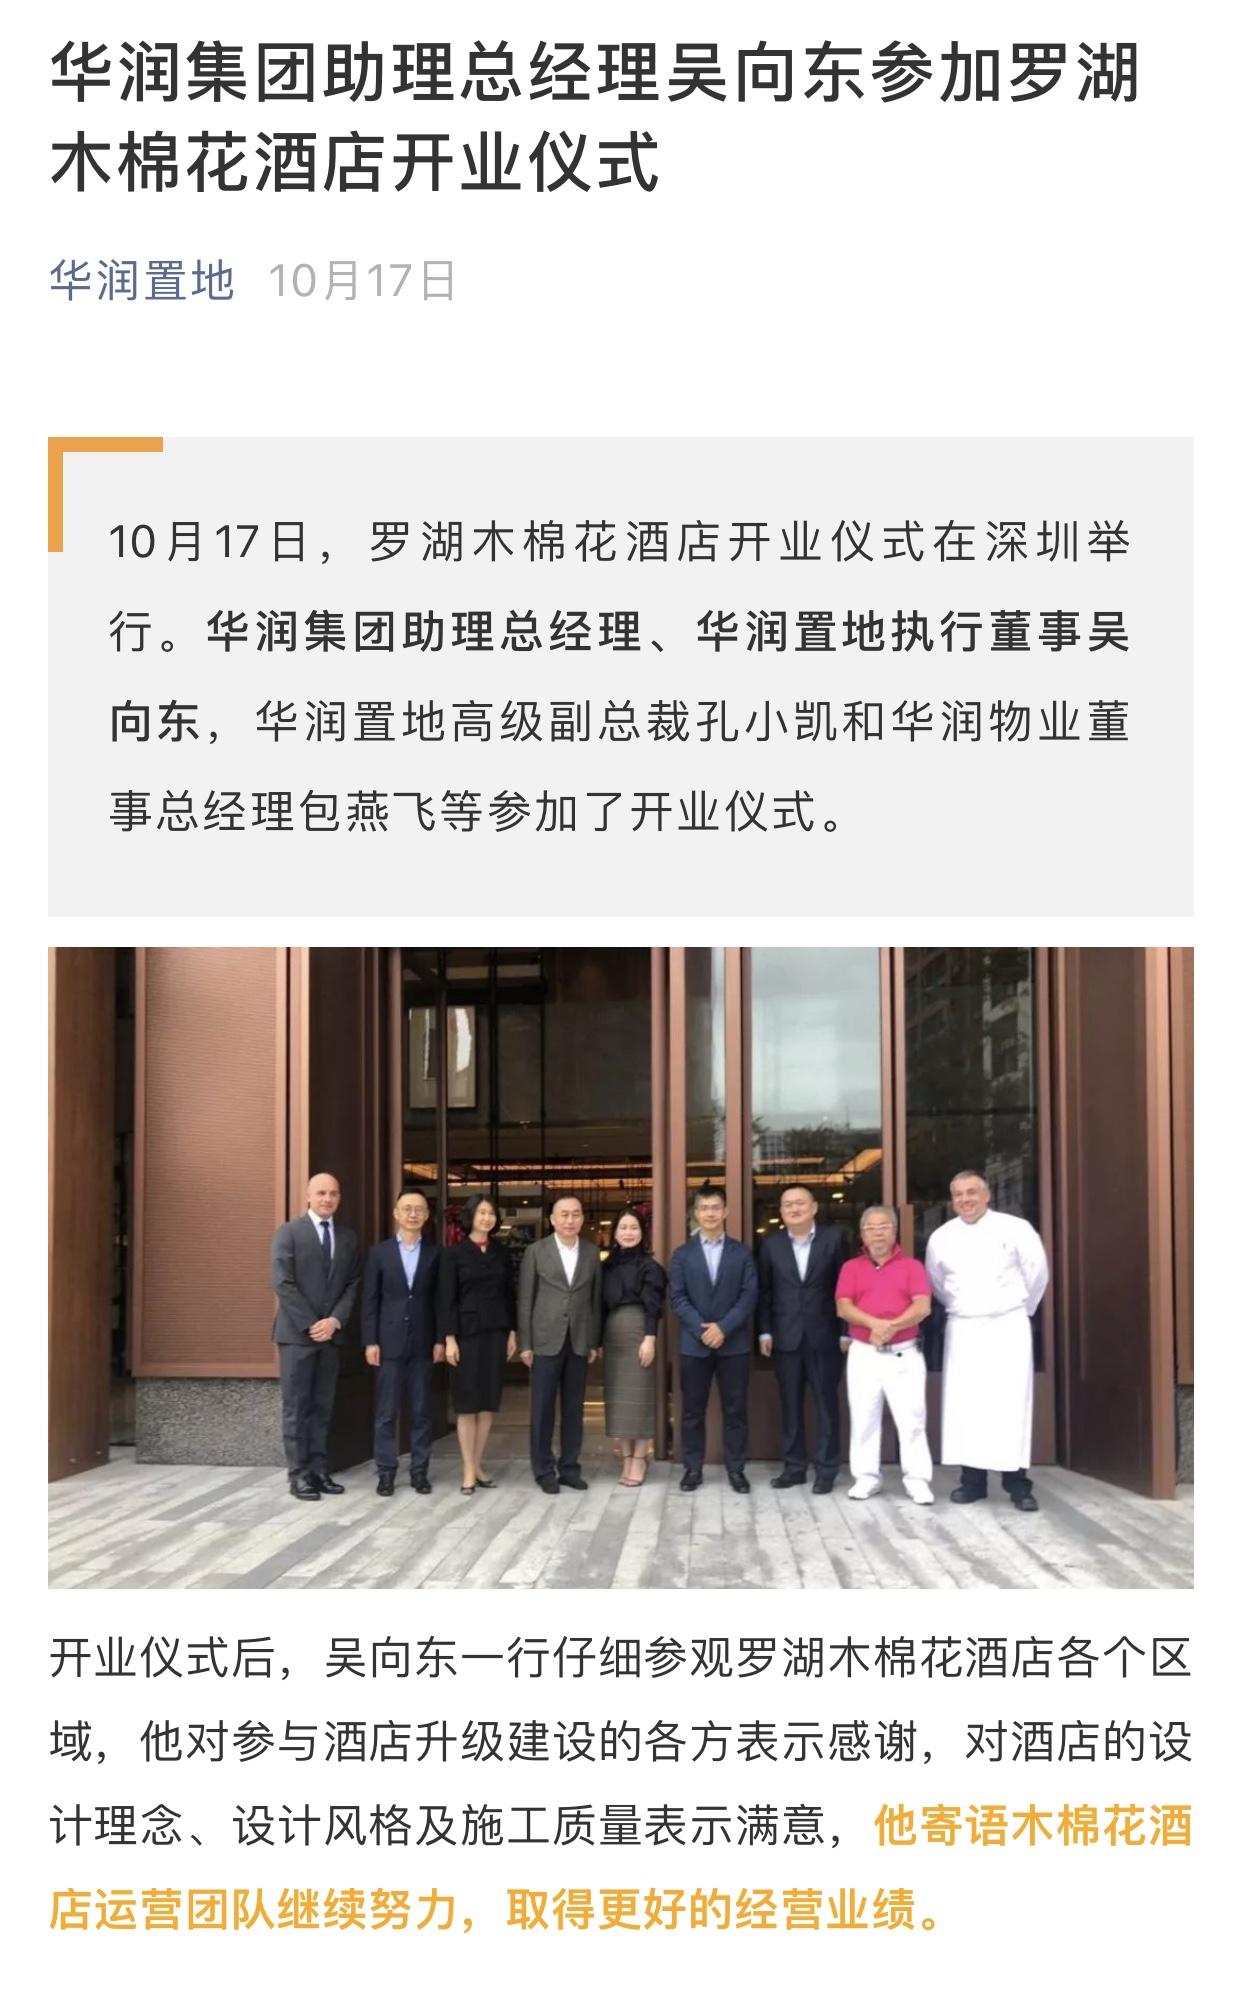 微信公众号@华润置地截图三人斗地主